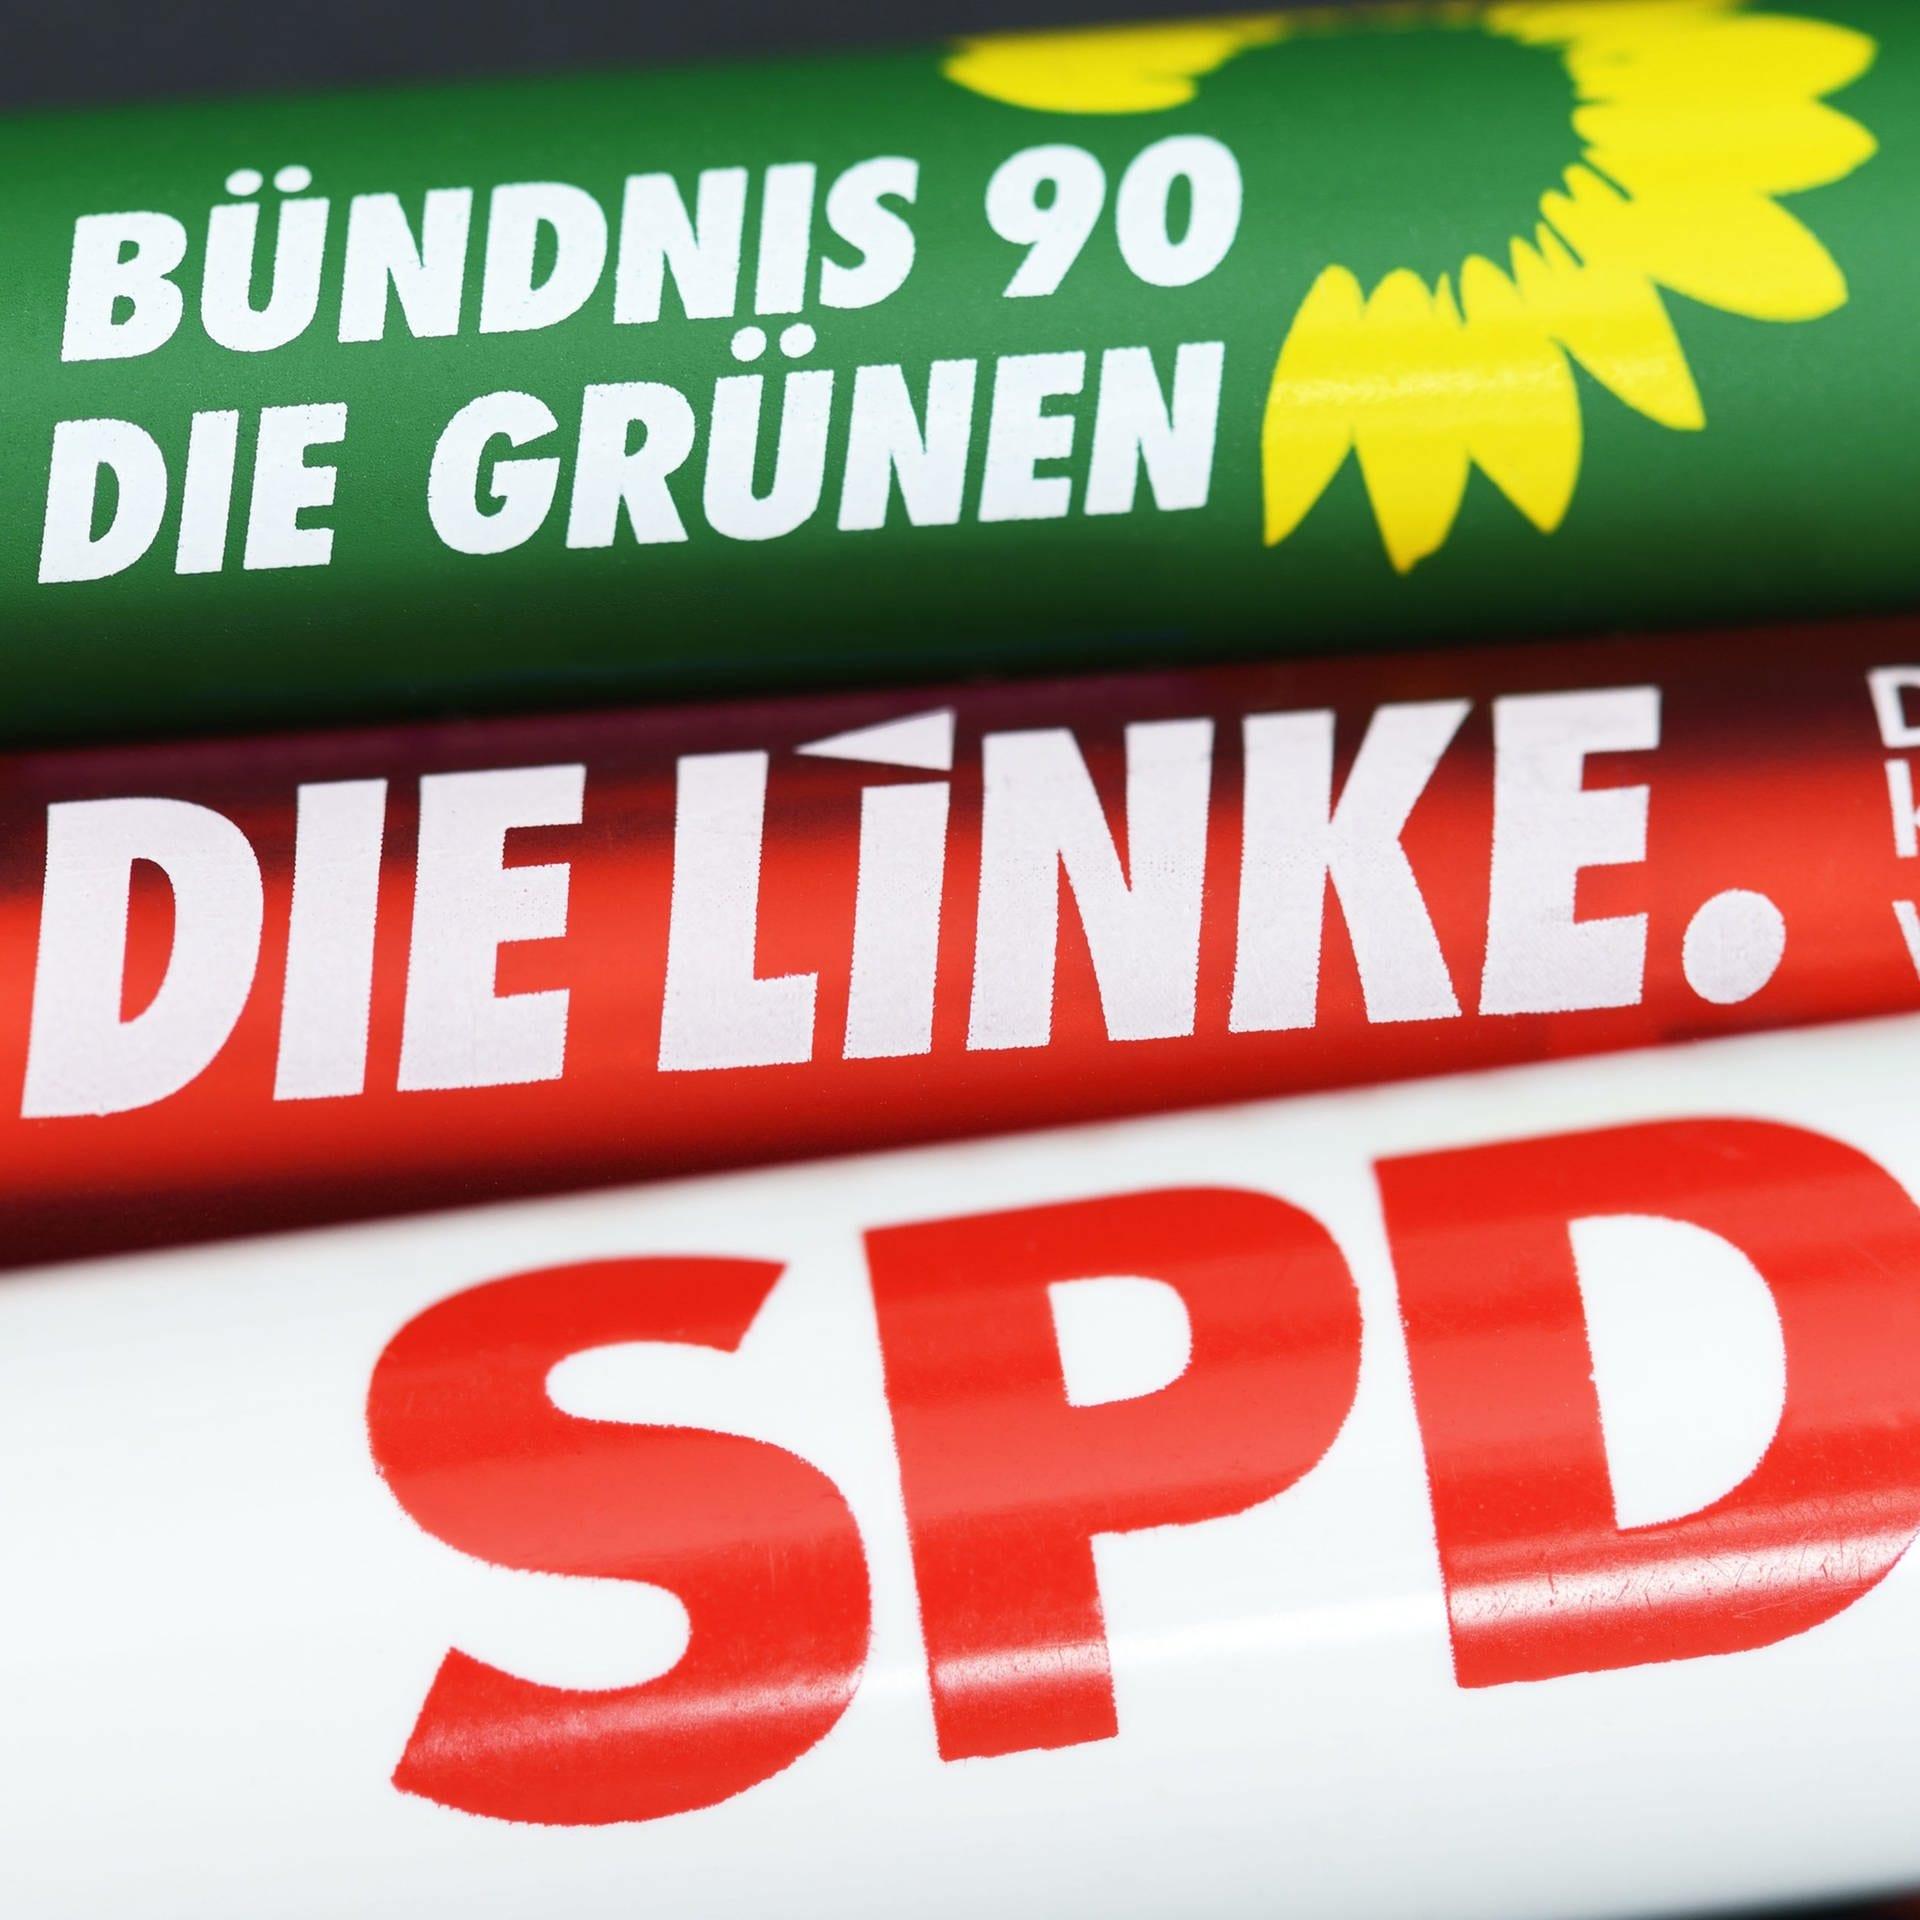 Solidarität statt Genderklo - Braucht linke Politik eine neue Ausrichtung?